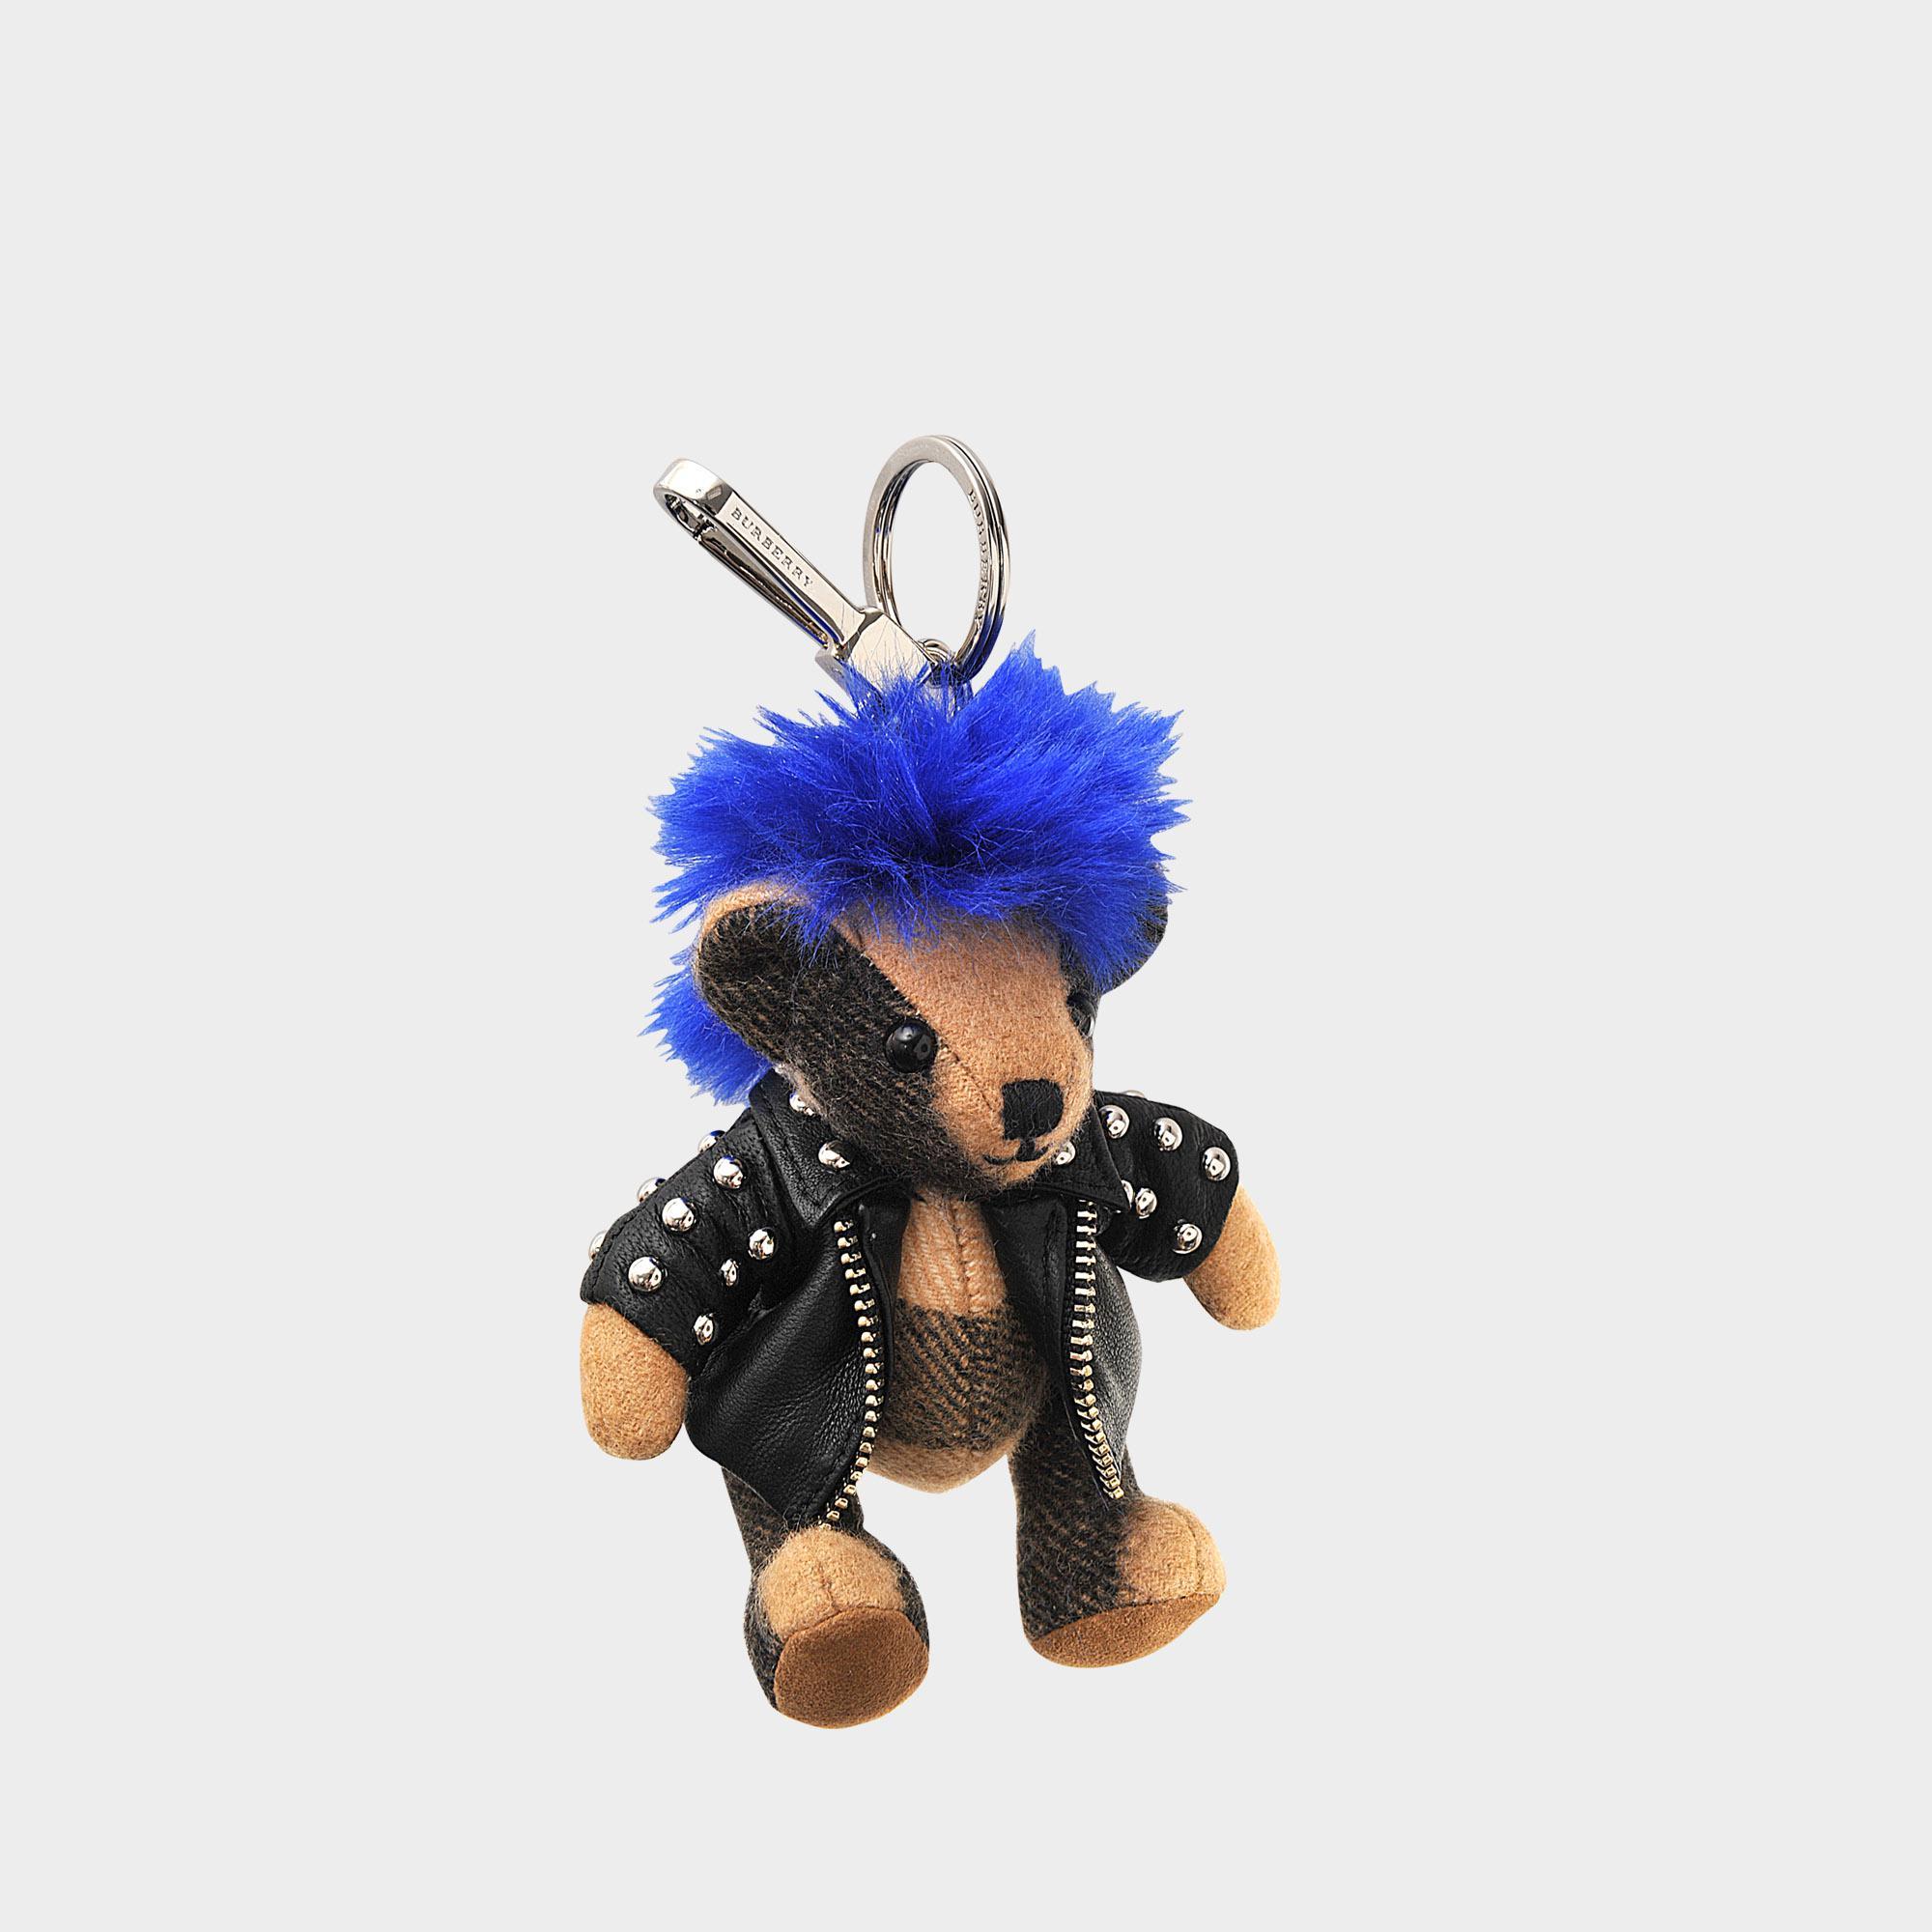 Burberry Thomas Accessoire De Sac De Charme Punk Broche En Cachemire Bleu FWROW9lQe5